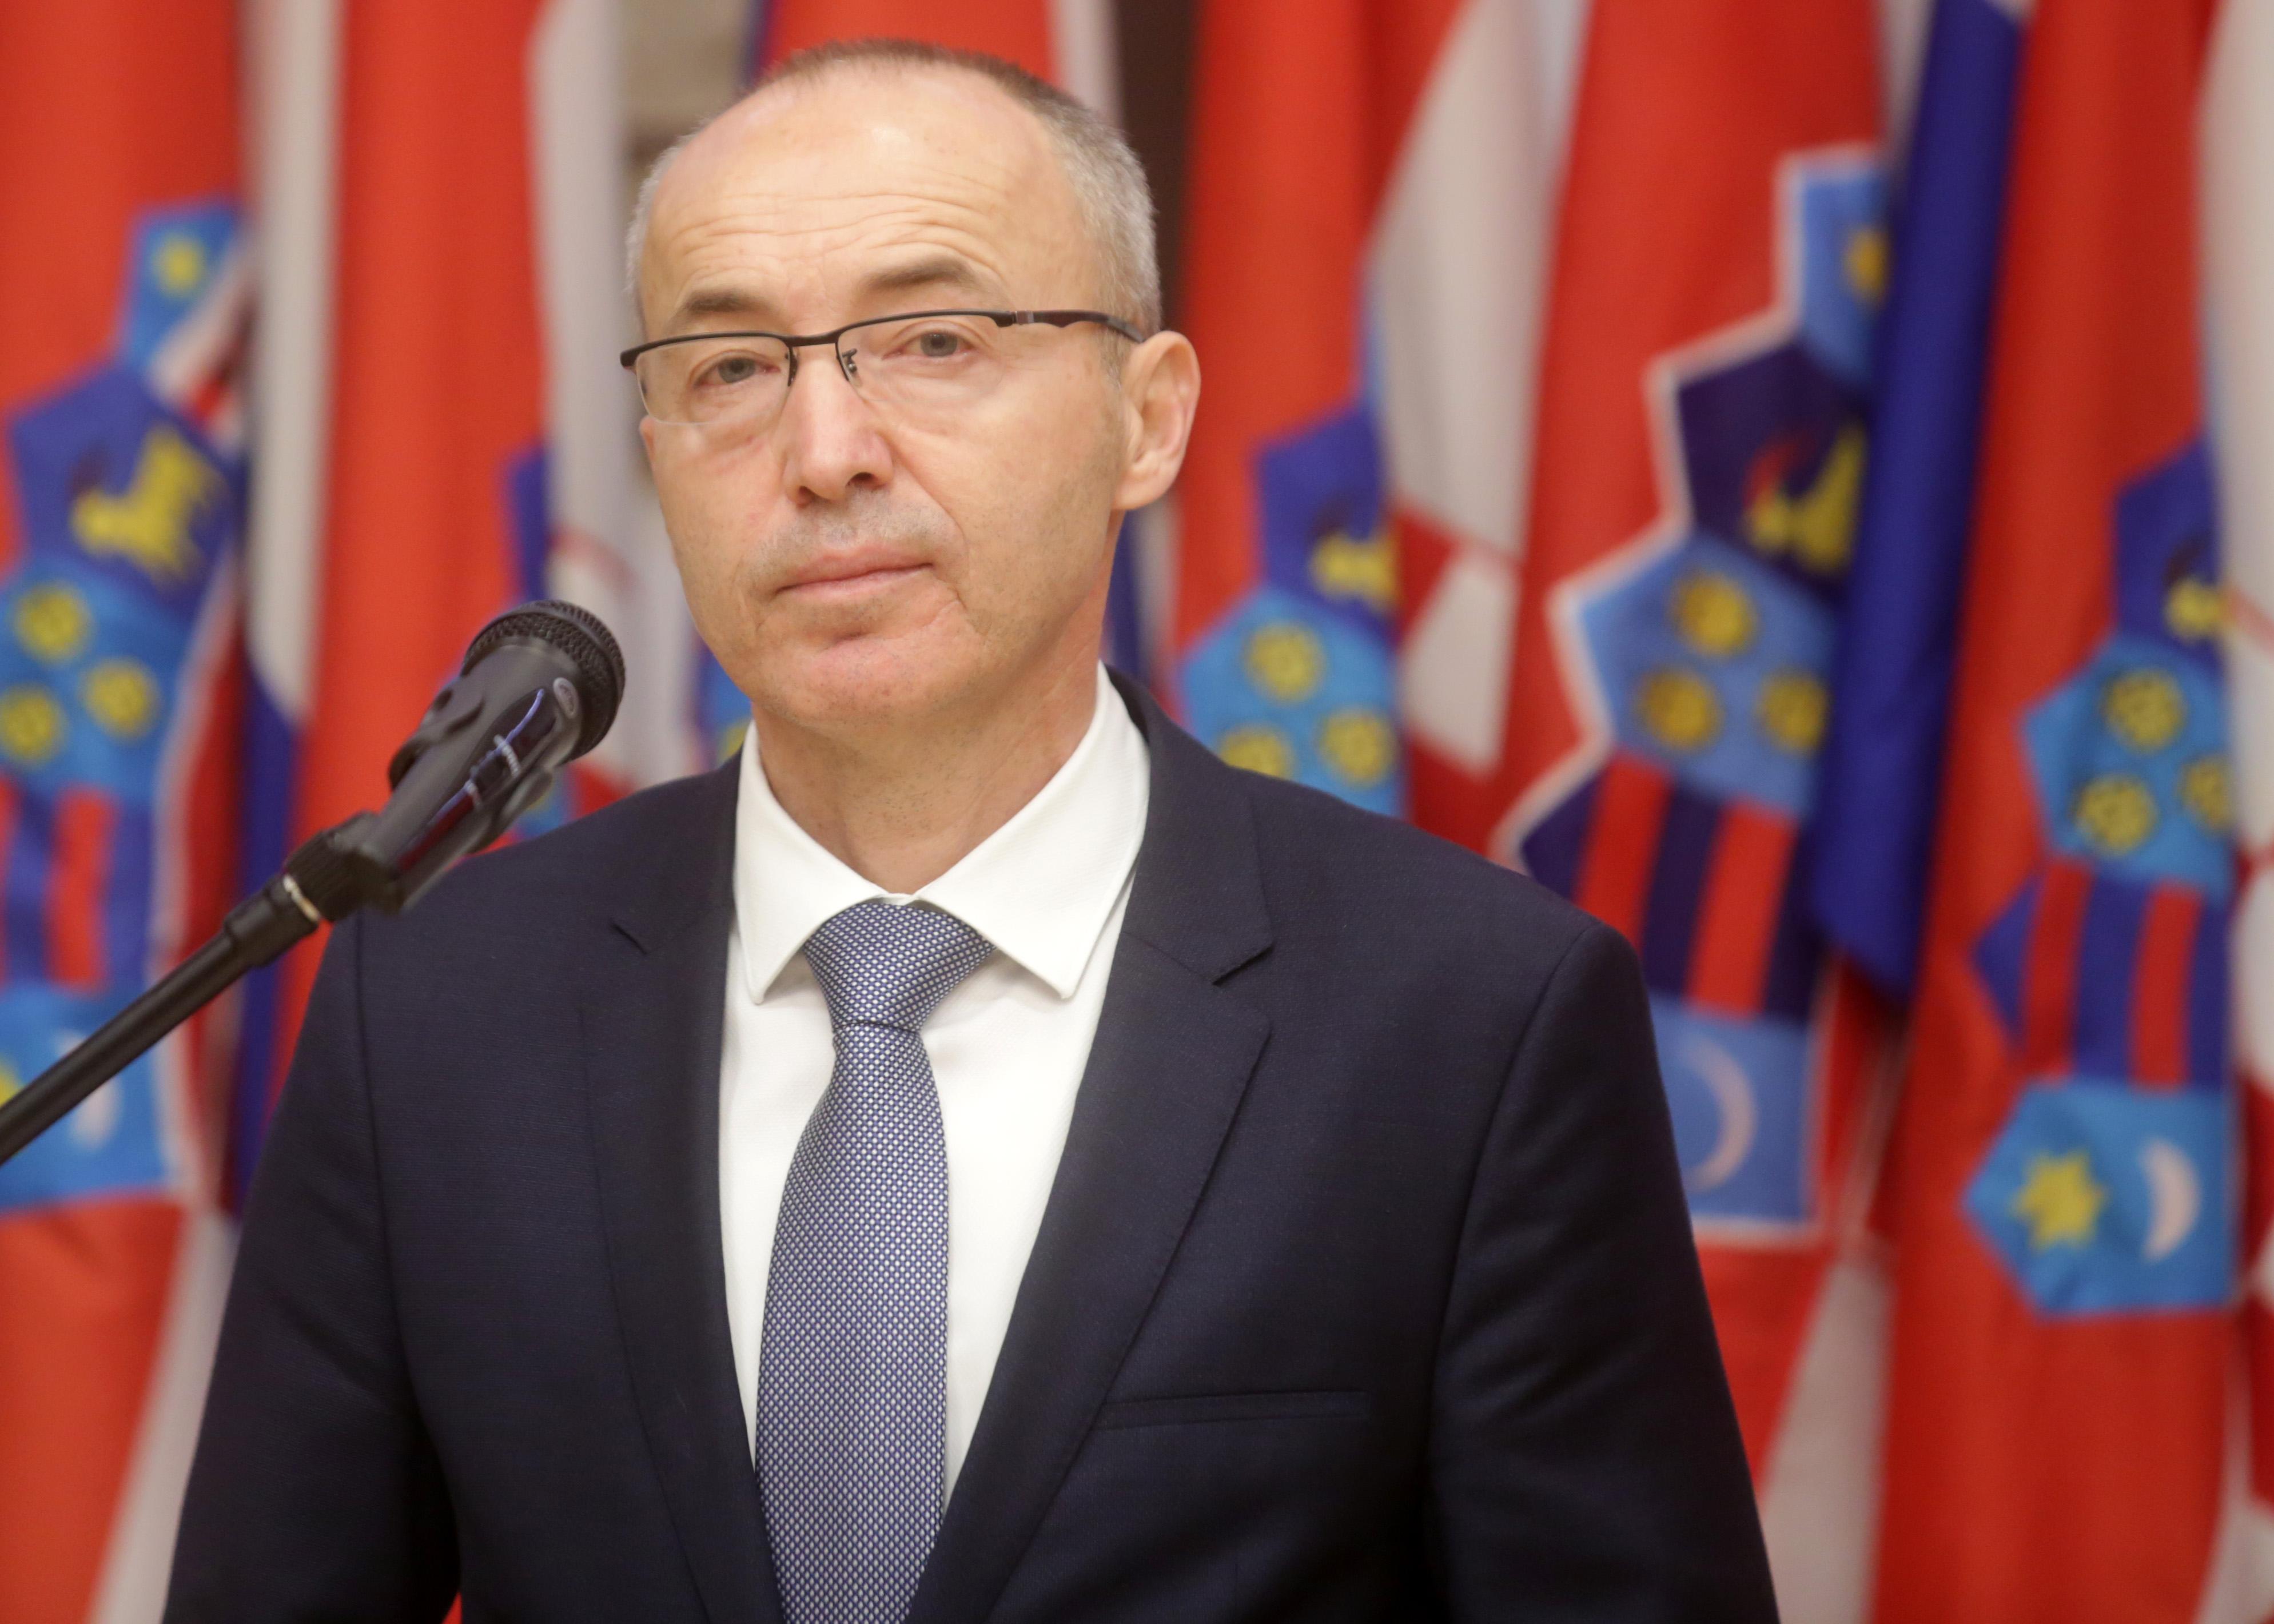 SRBIJA Podignuta prijava za ratne zločine protiv Damira Krstičevića